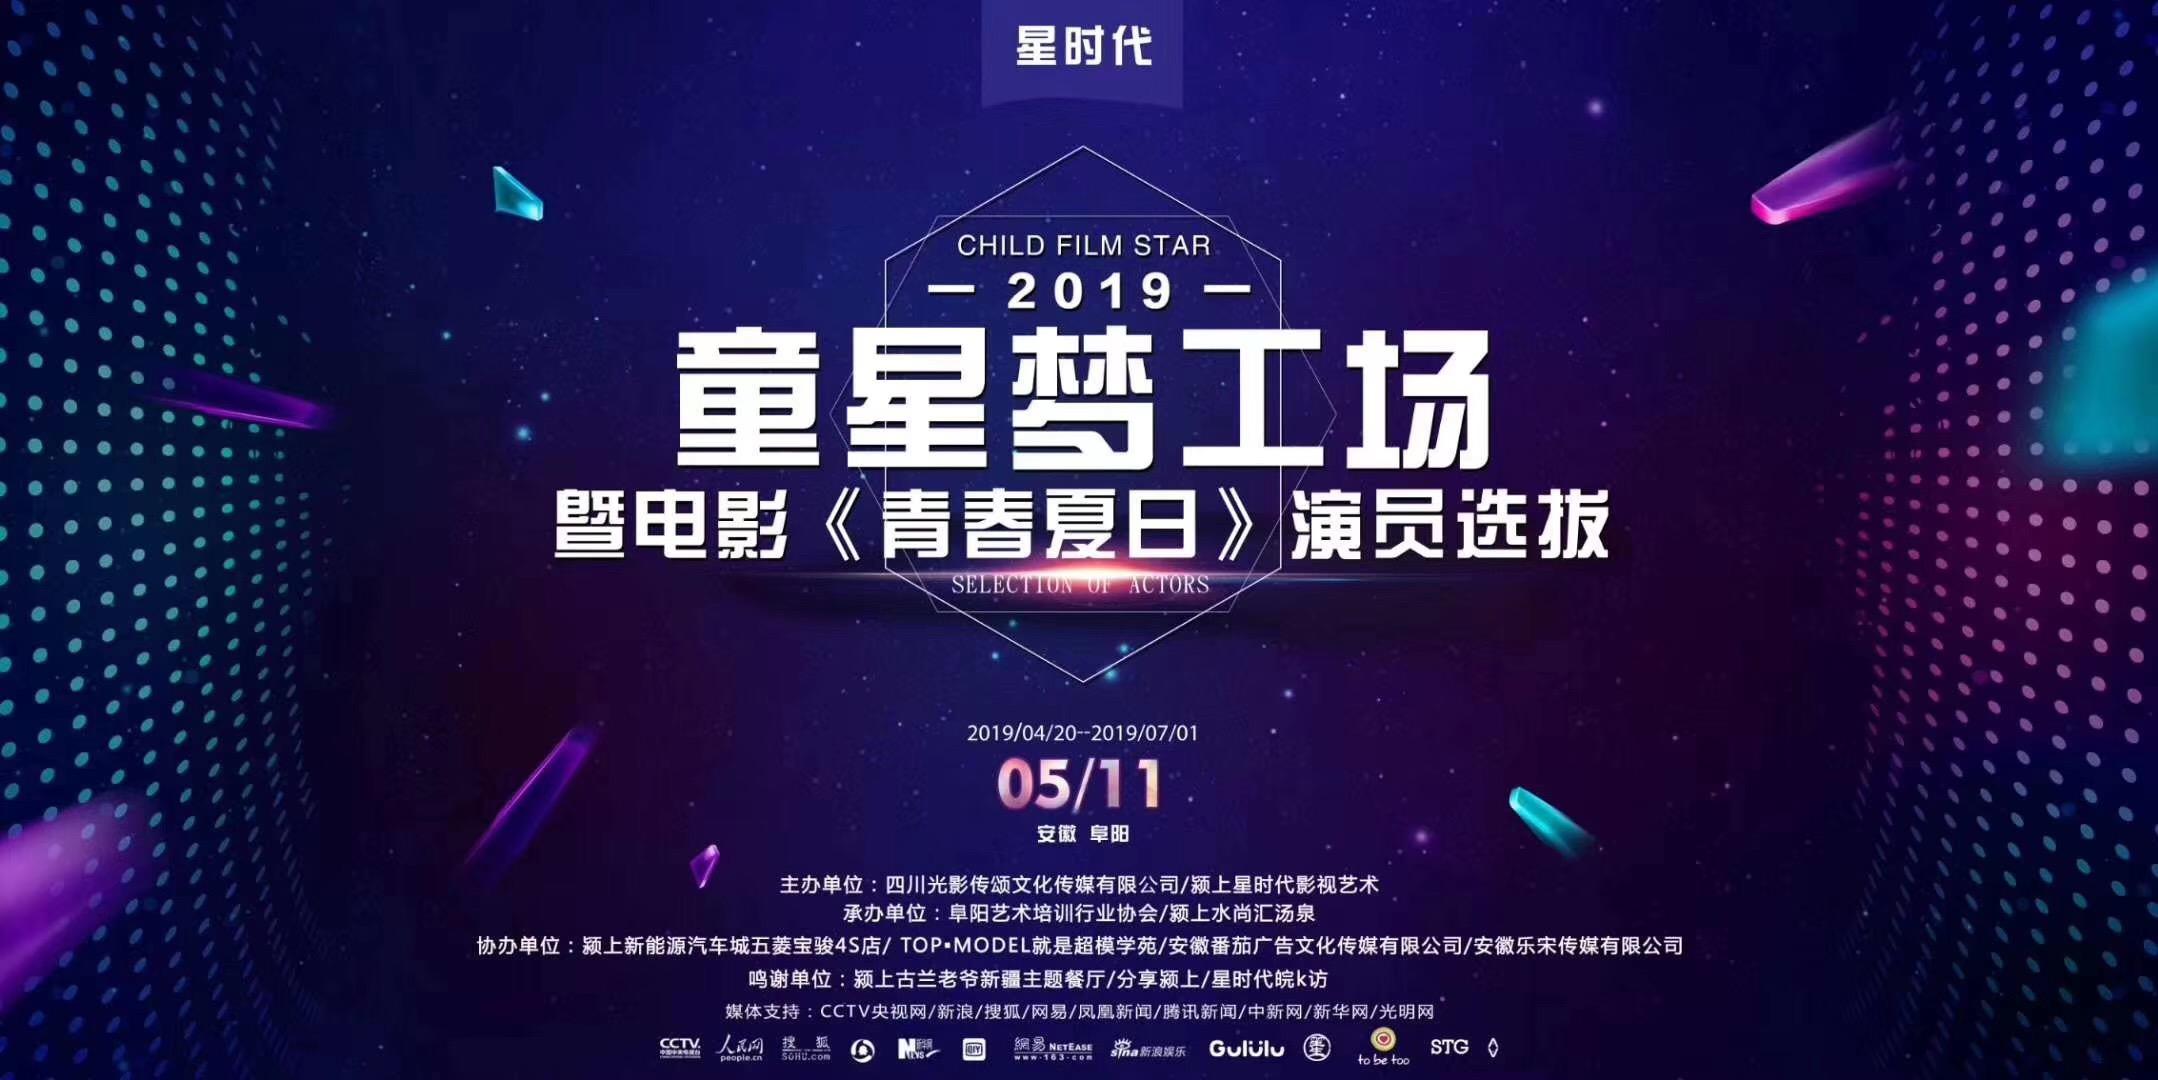 《青春夏日》将于2019年7月在安徽阜阳开机